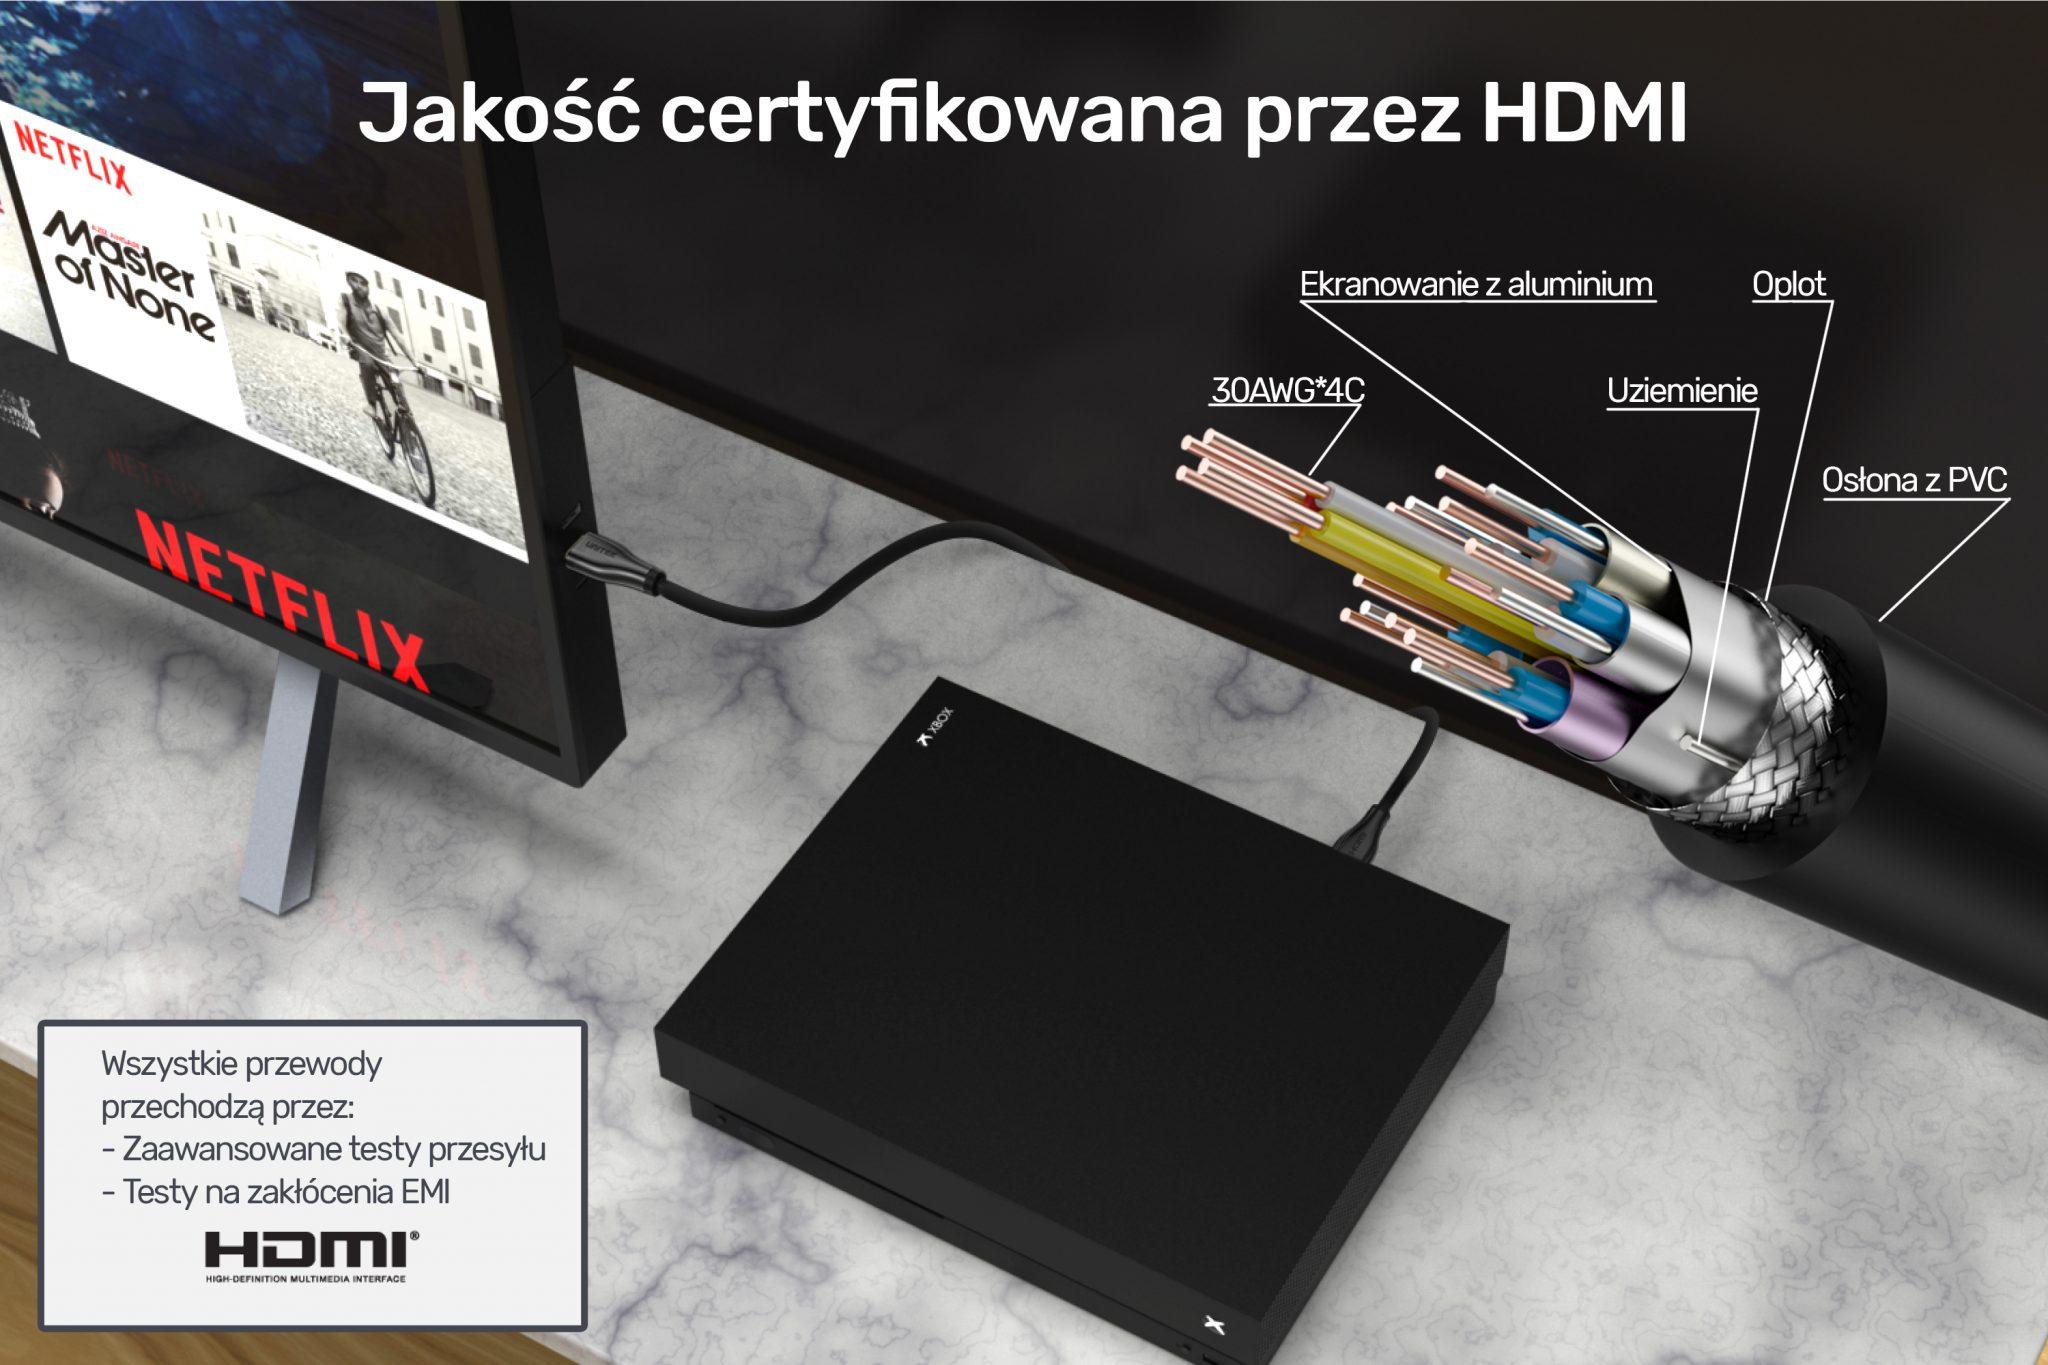 przewód hdmi 2.0 z certyfikatem